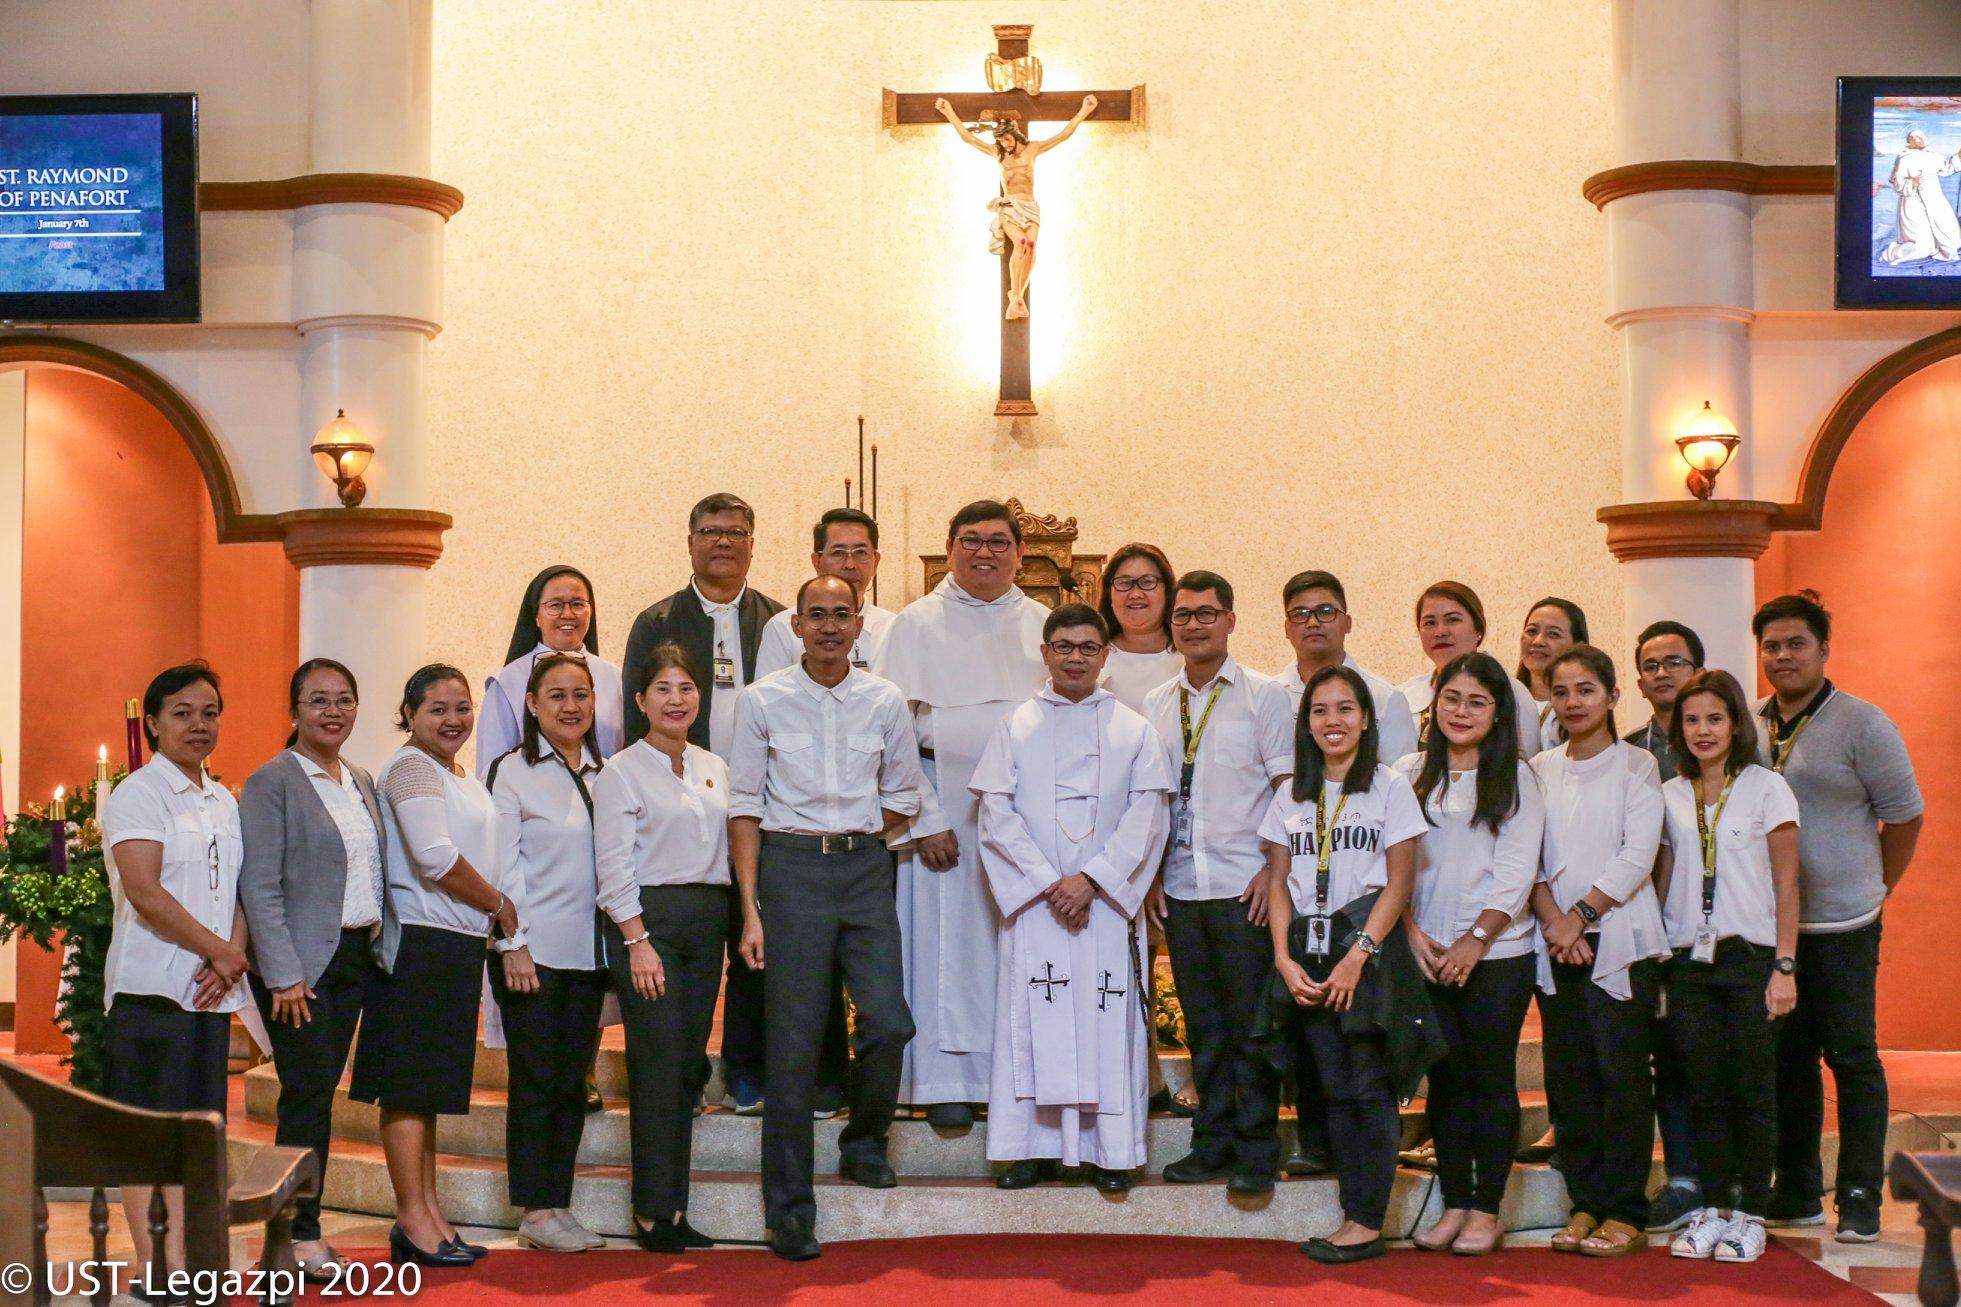 Installation of Rev. Fr. Felix C. Legaspi III, OP as Prior